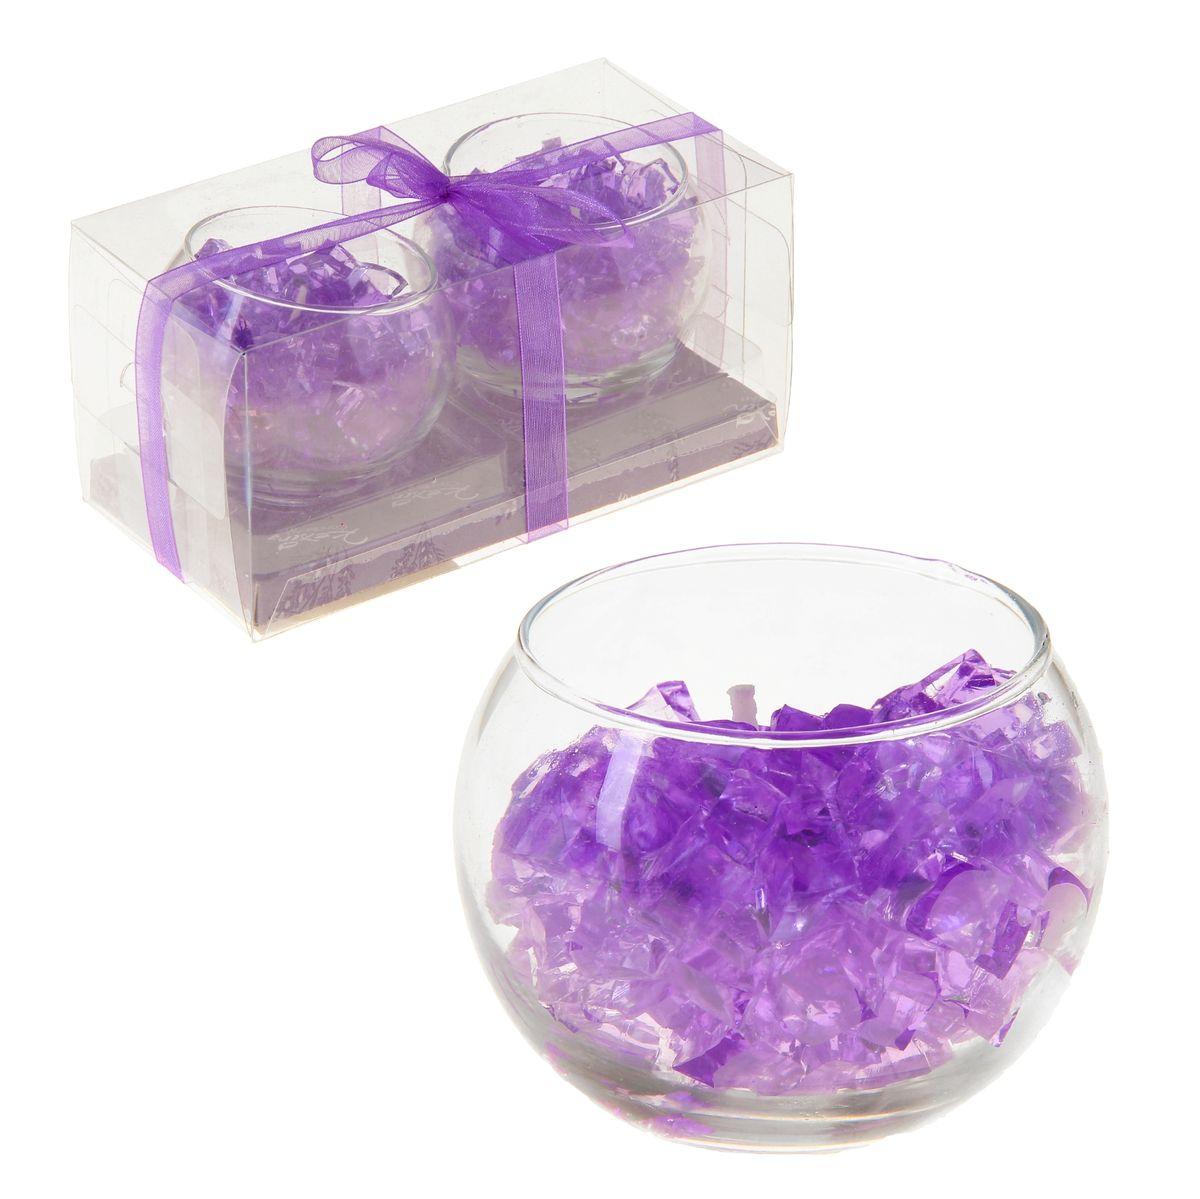 Набор свечей Sima-land Мармелад, цвет: фиолетовый, 2 штUP210DFНабор Sima-land Мармелад, выполненный из геля, состоит из двух декоративных свечей. Свечи расположены в стеклянных бокалах. Изделия порадуют вас своим дизайном. Такой набор может стать отличным подарком или дополнить интерьер вашей комнаты.